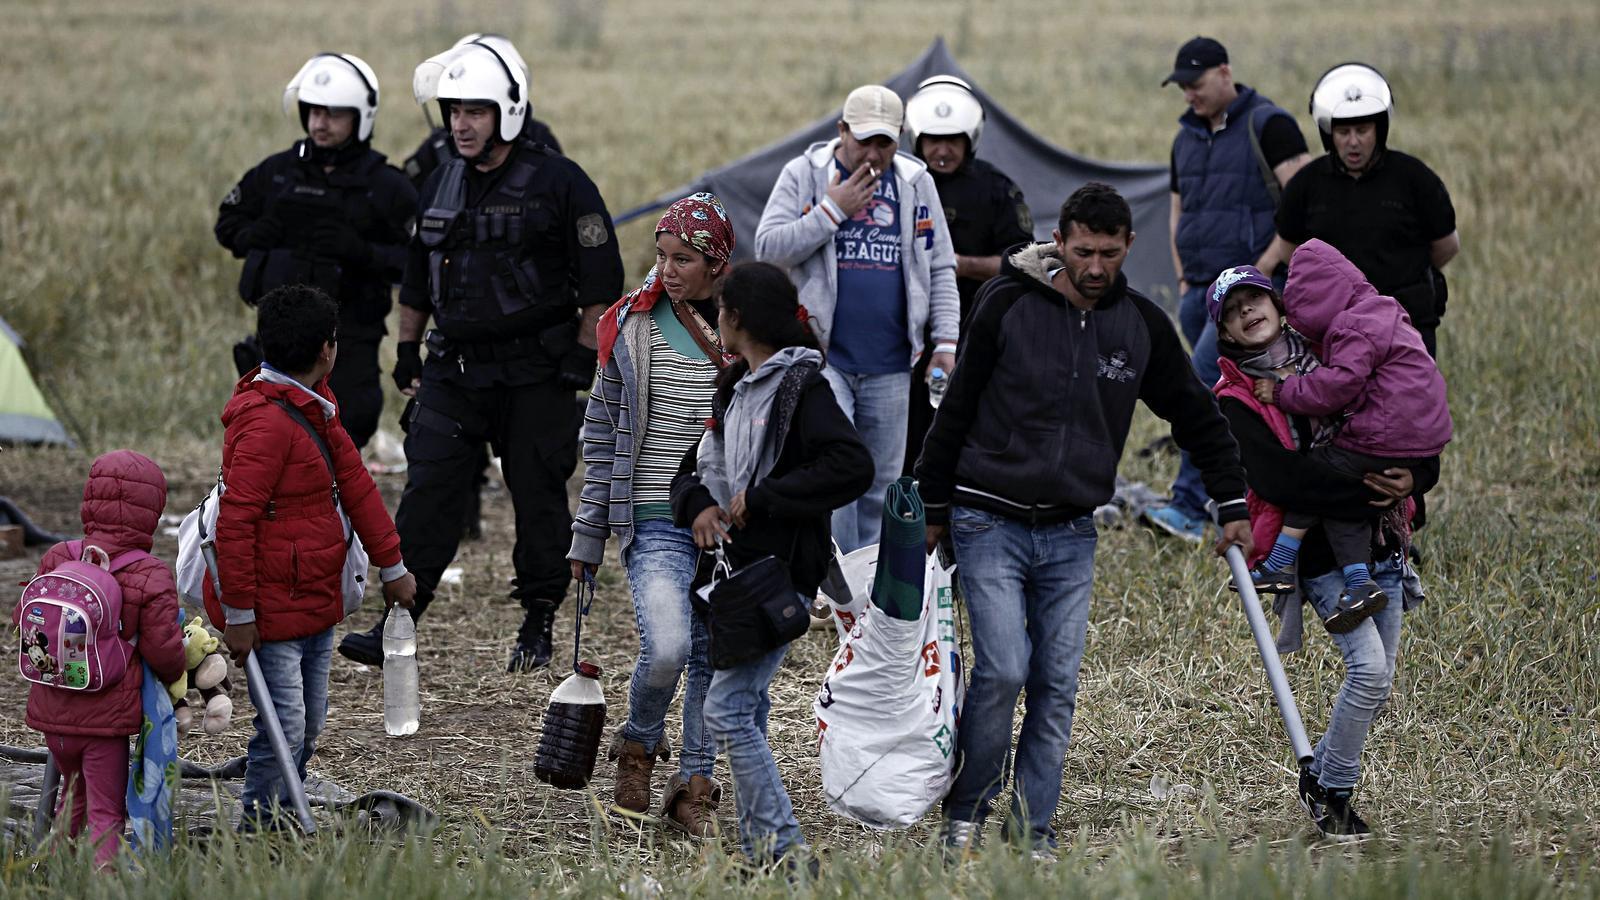 La policia grega comença a desallotjar el camp de refugiats d'Idomeni